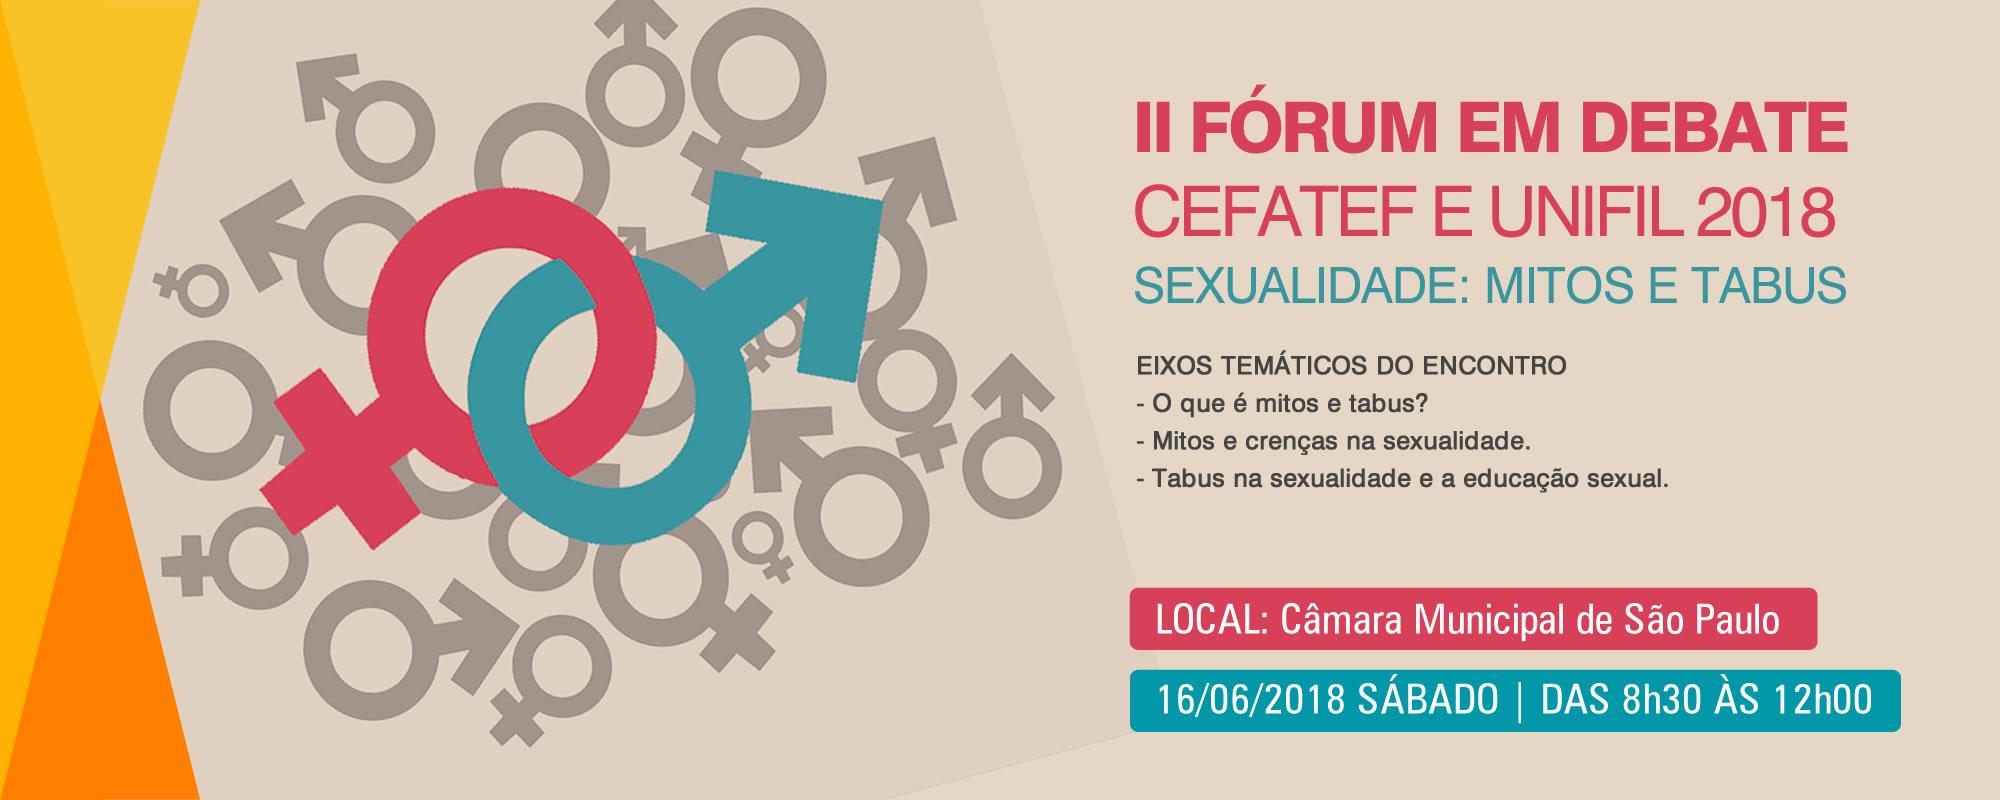 sexualidade-mitos-e-tabus